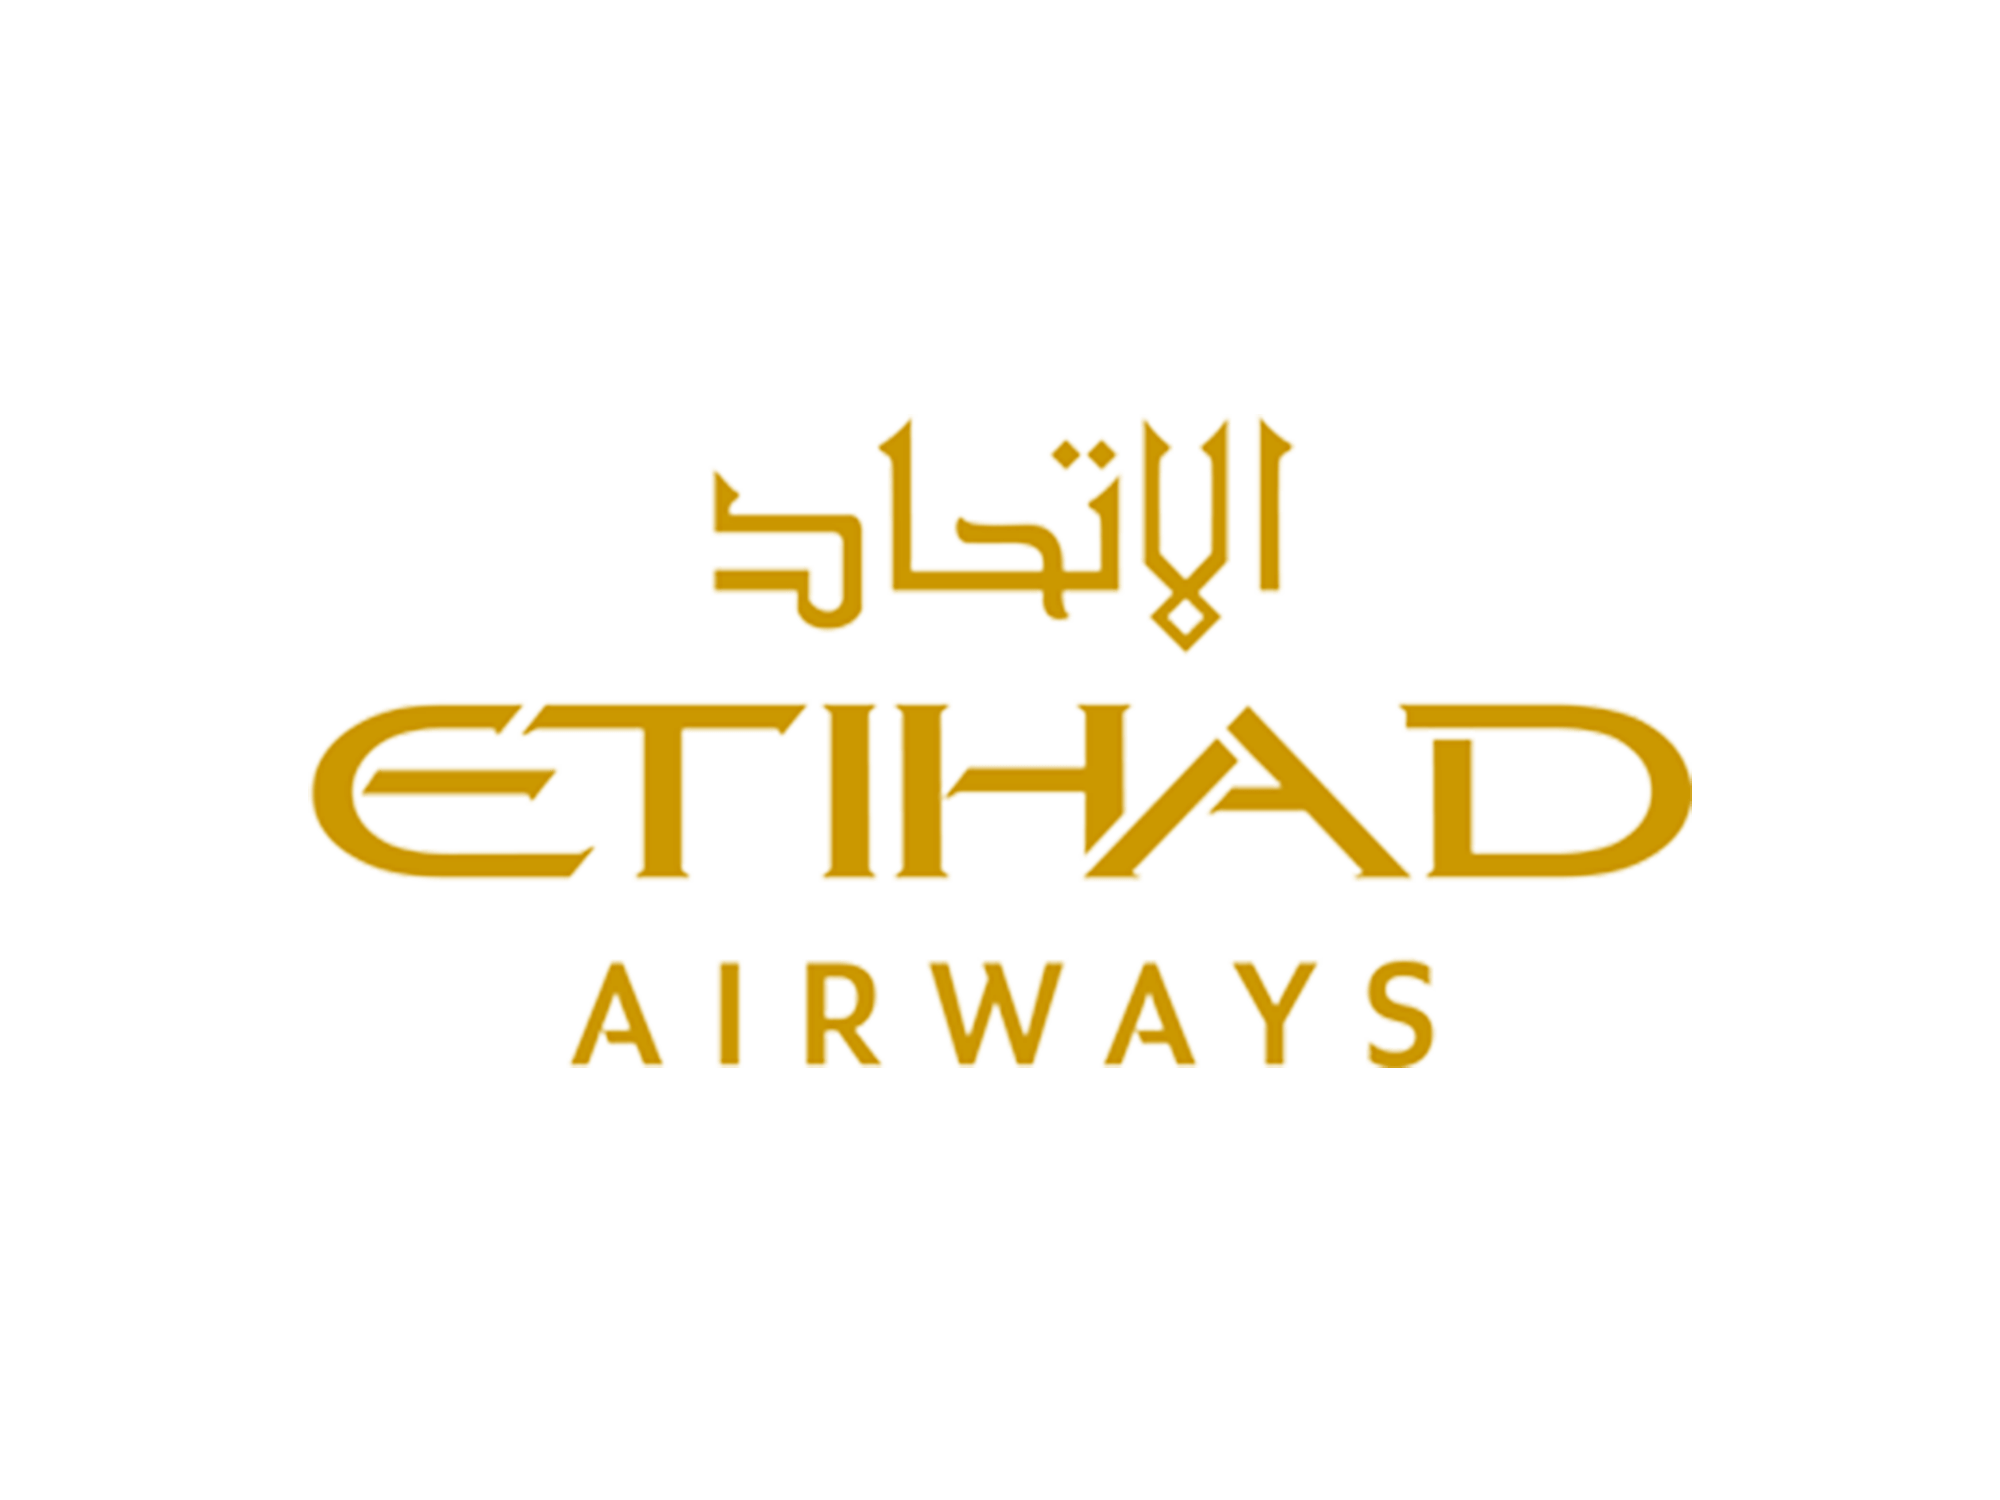 Groups Sales Agent at Etihad Airways